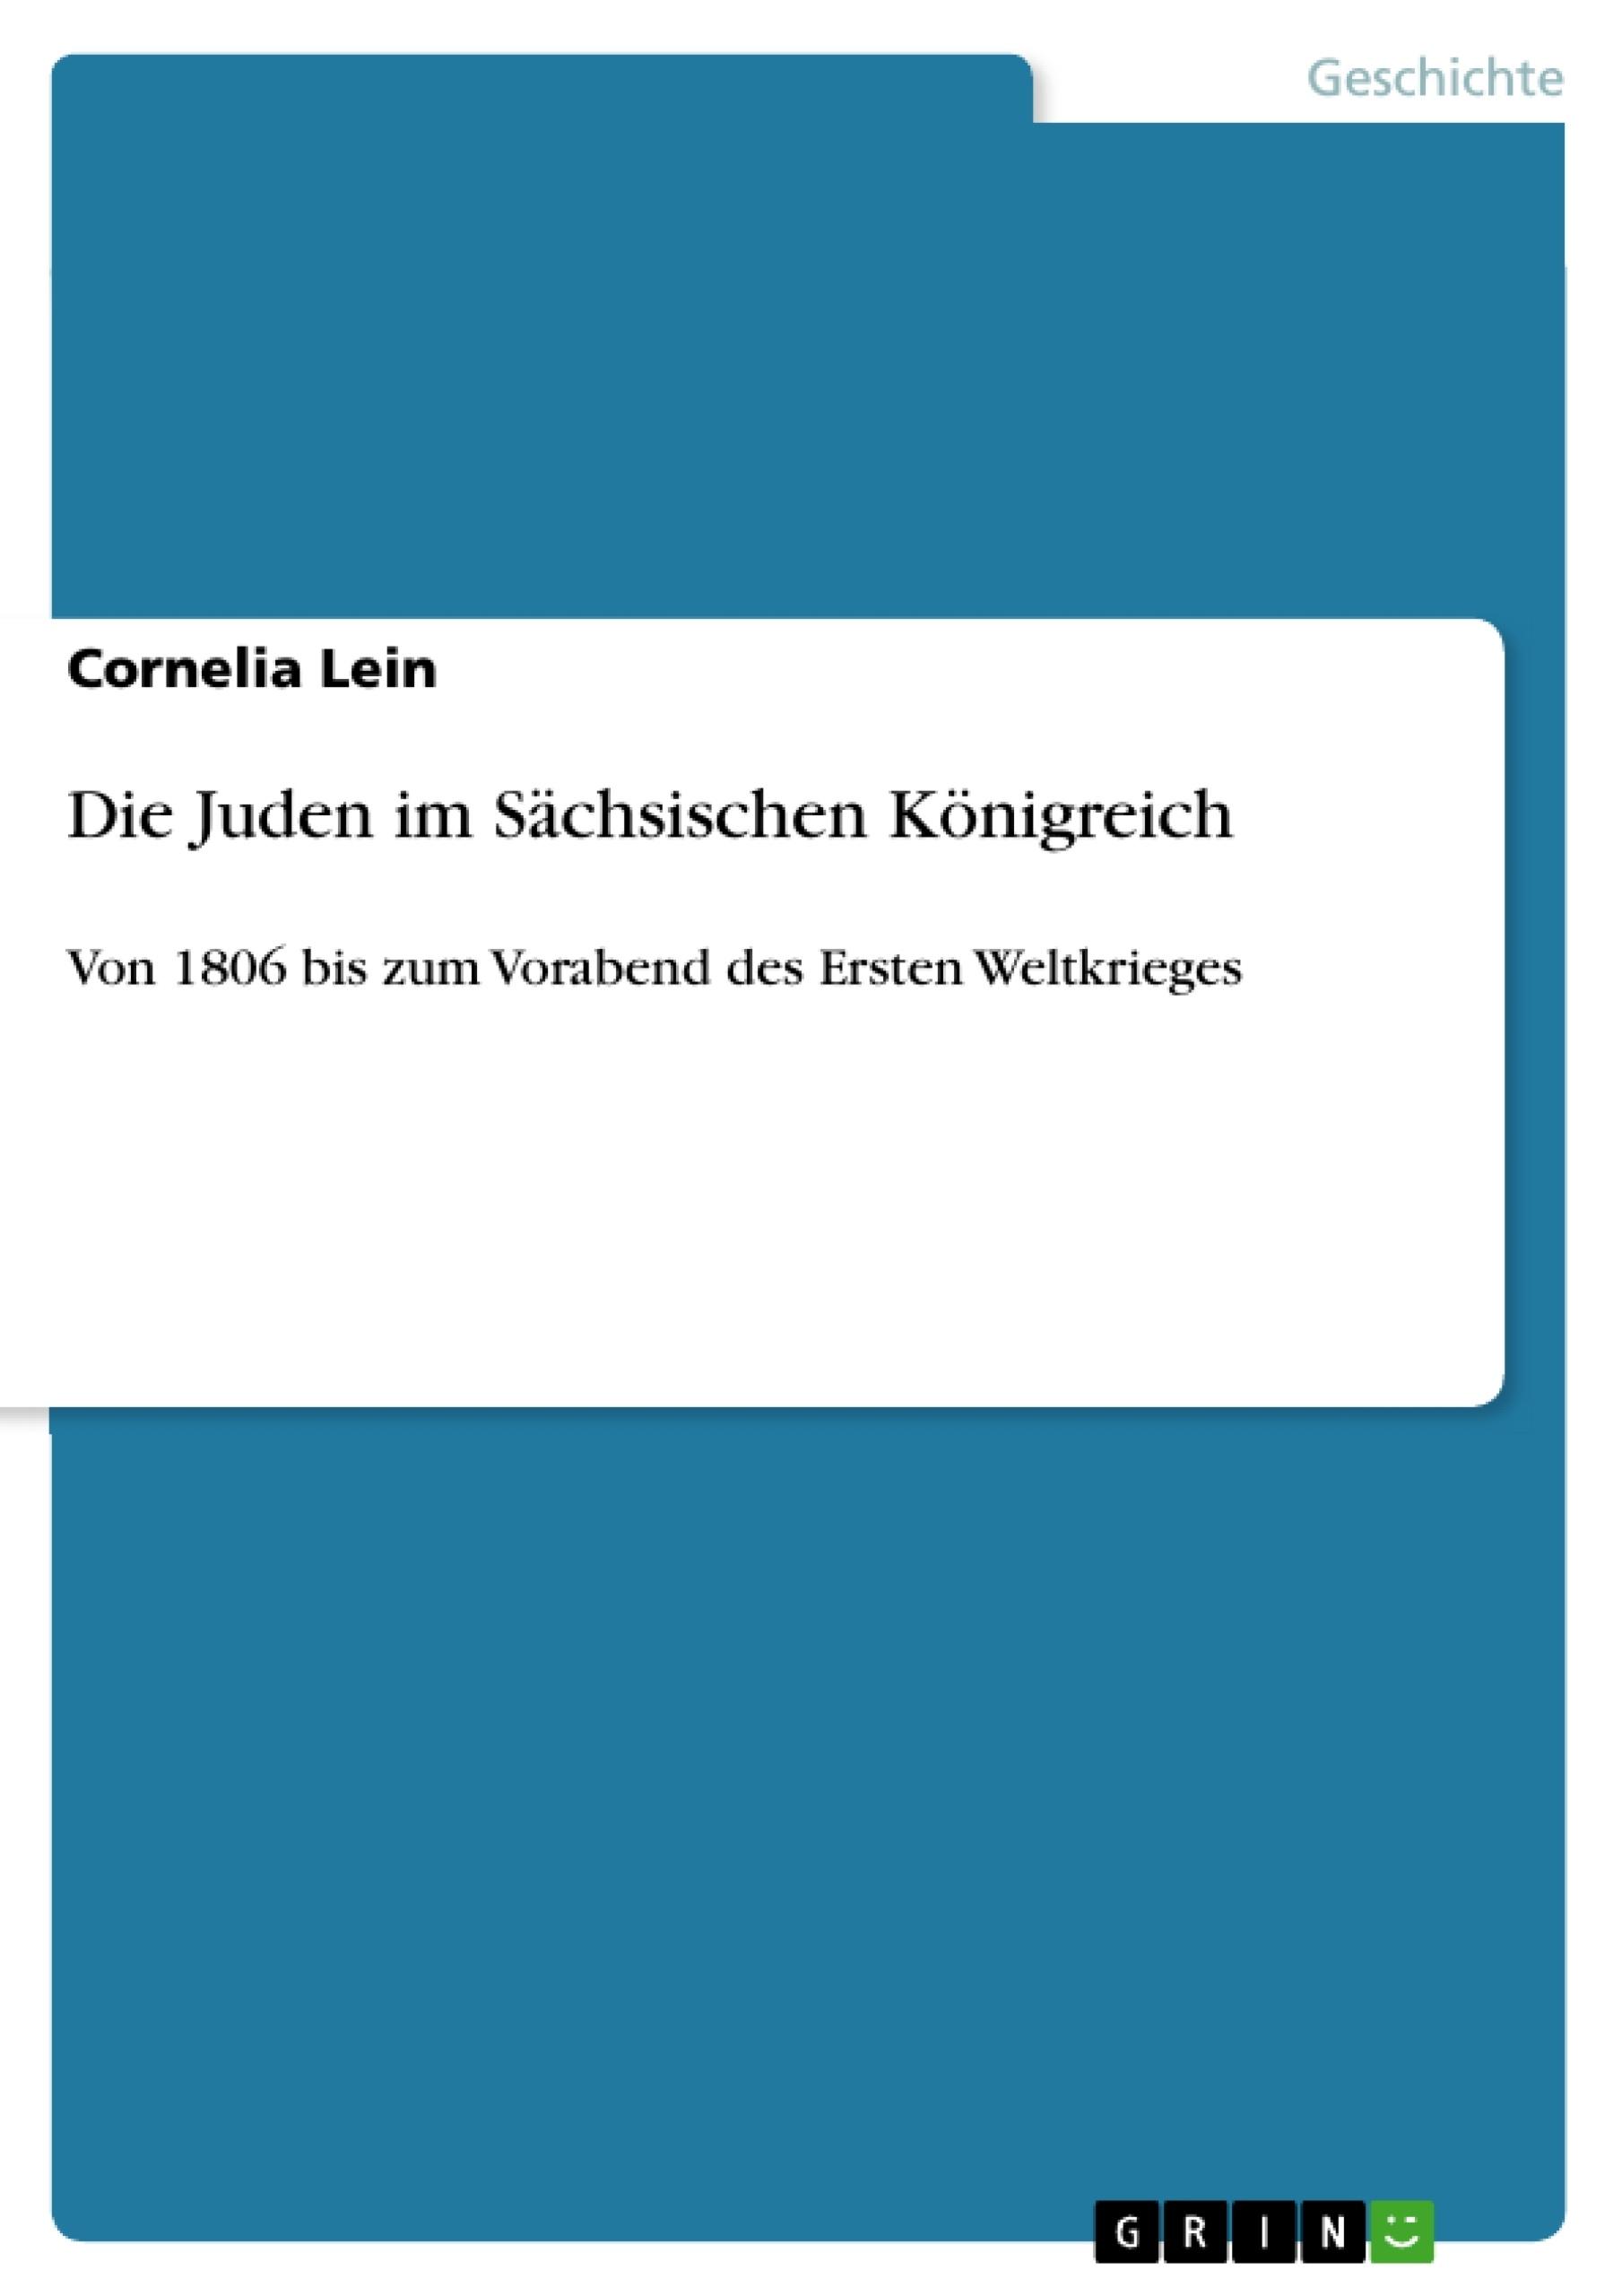 Titel: Die Juden im Sächsischen Königreich